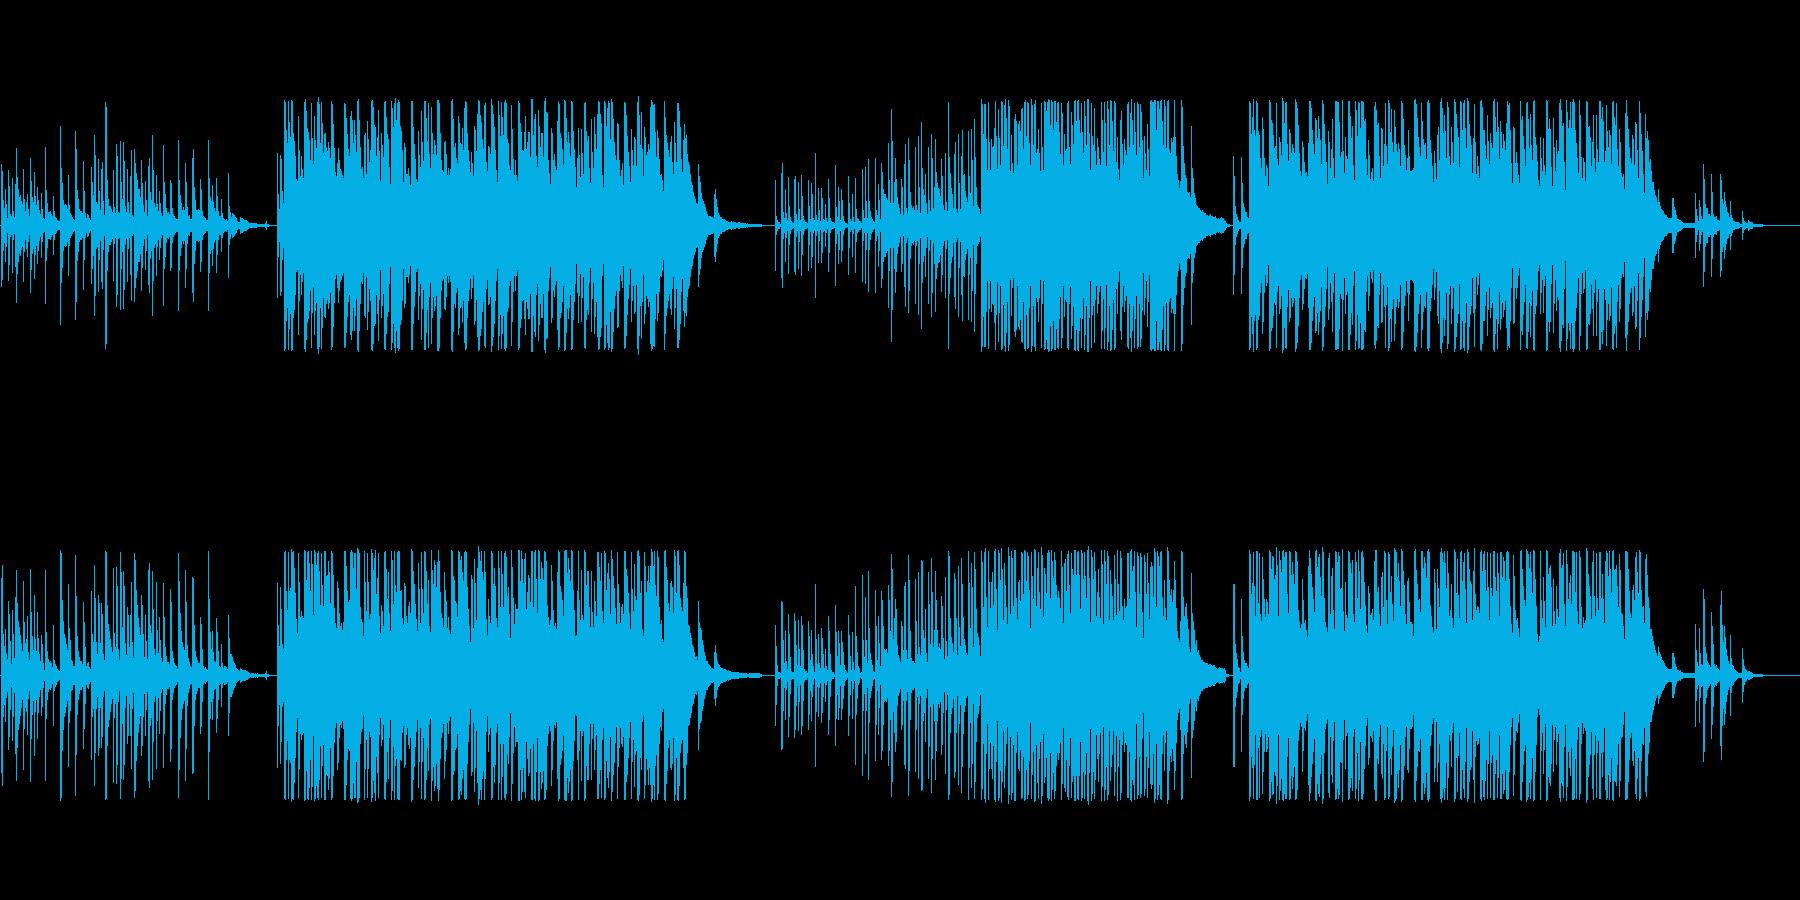 切ない抒情的なピアノソロの再生済みの波形